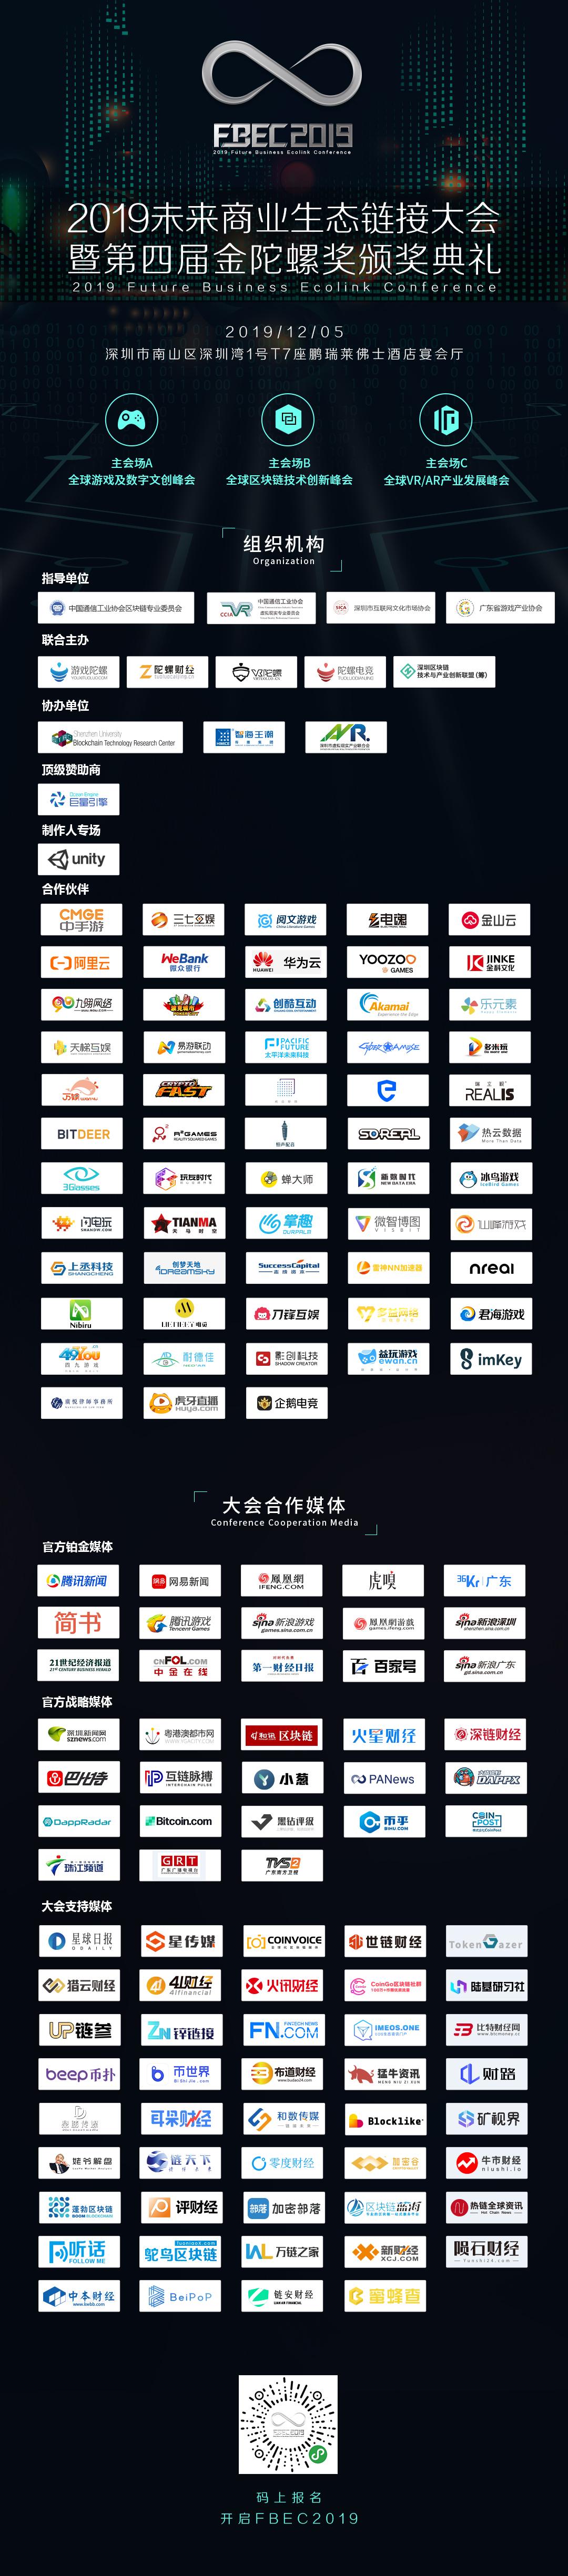 FBEC2019 | 国家信息中心中经网朱幼平:区块链可以把数字科技变化转换成财富配图(2)